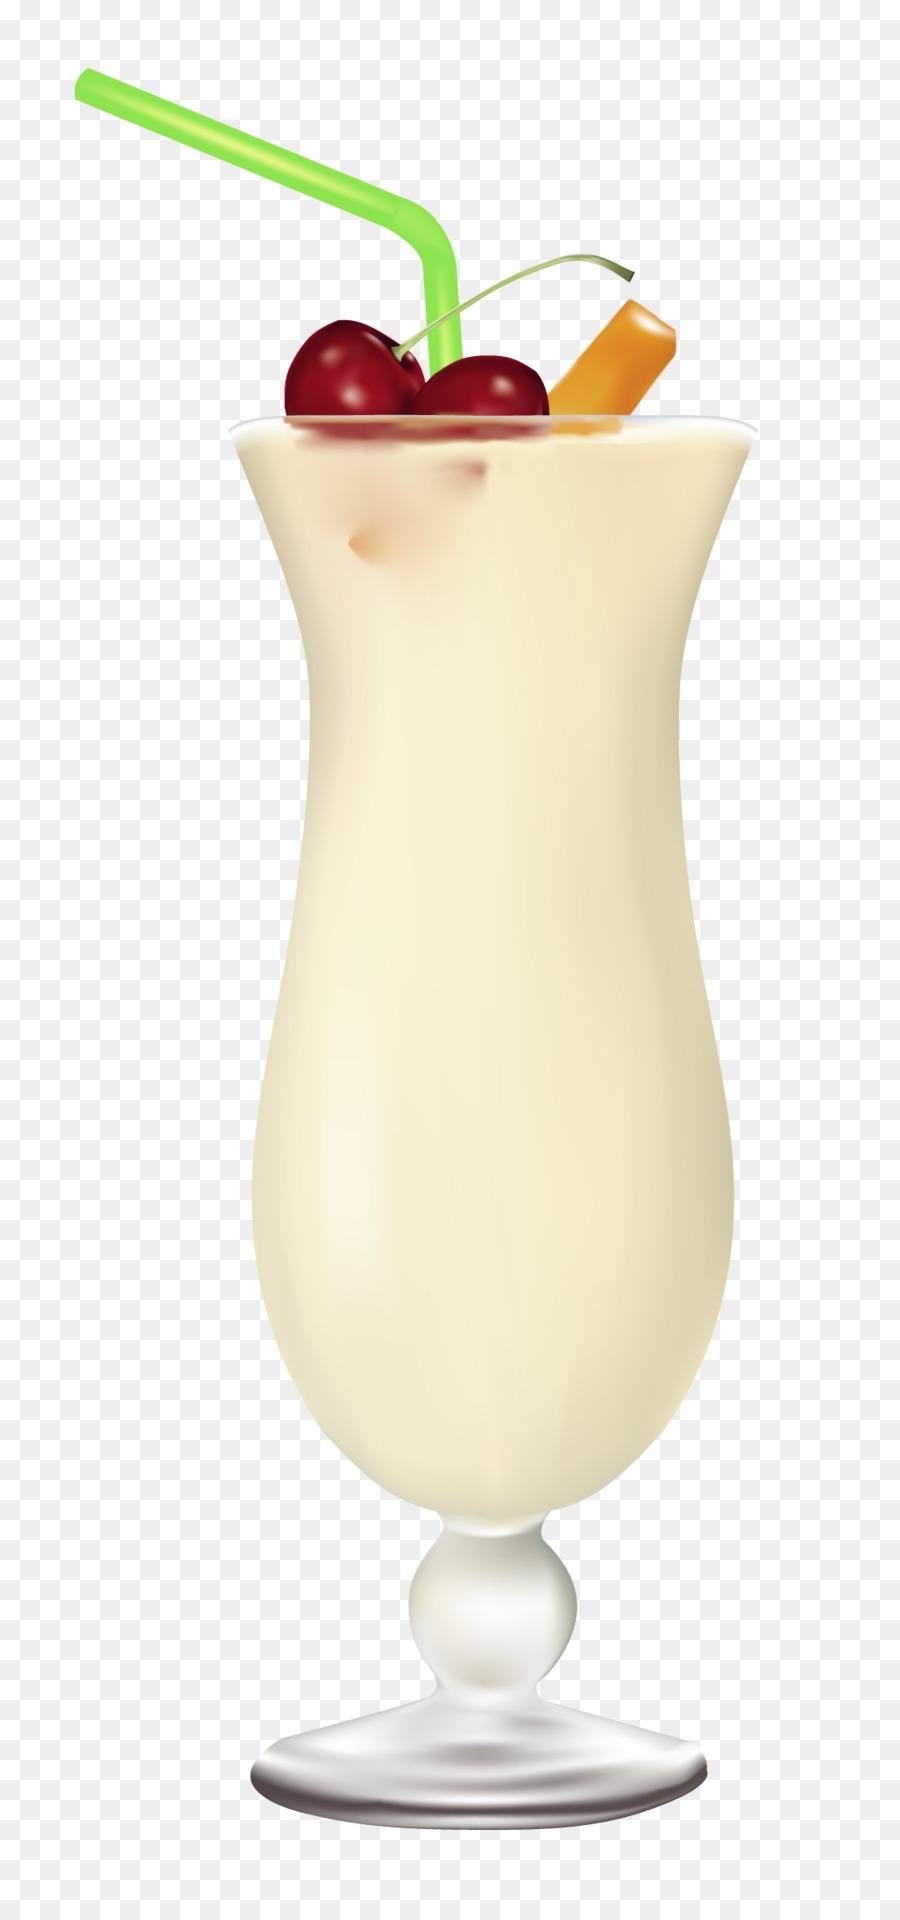 молочный коктейль картинка пнг очень много